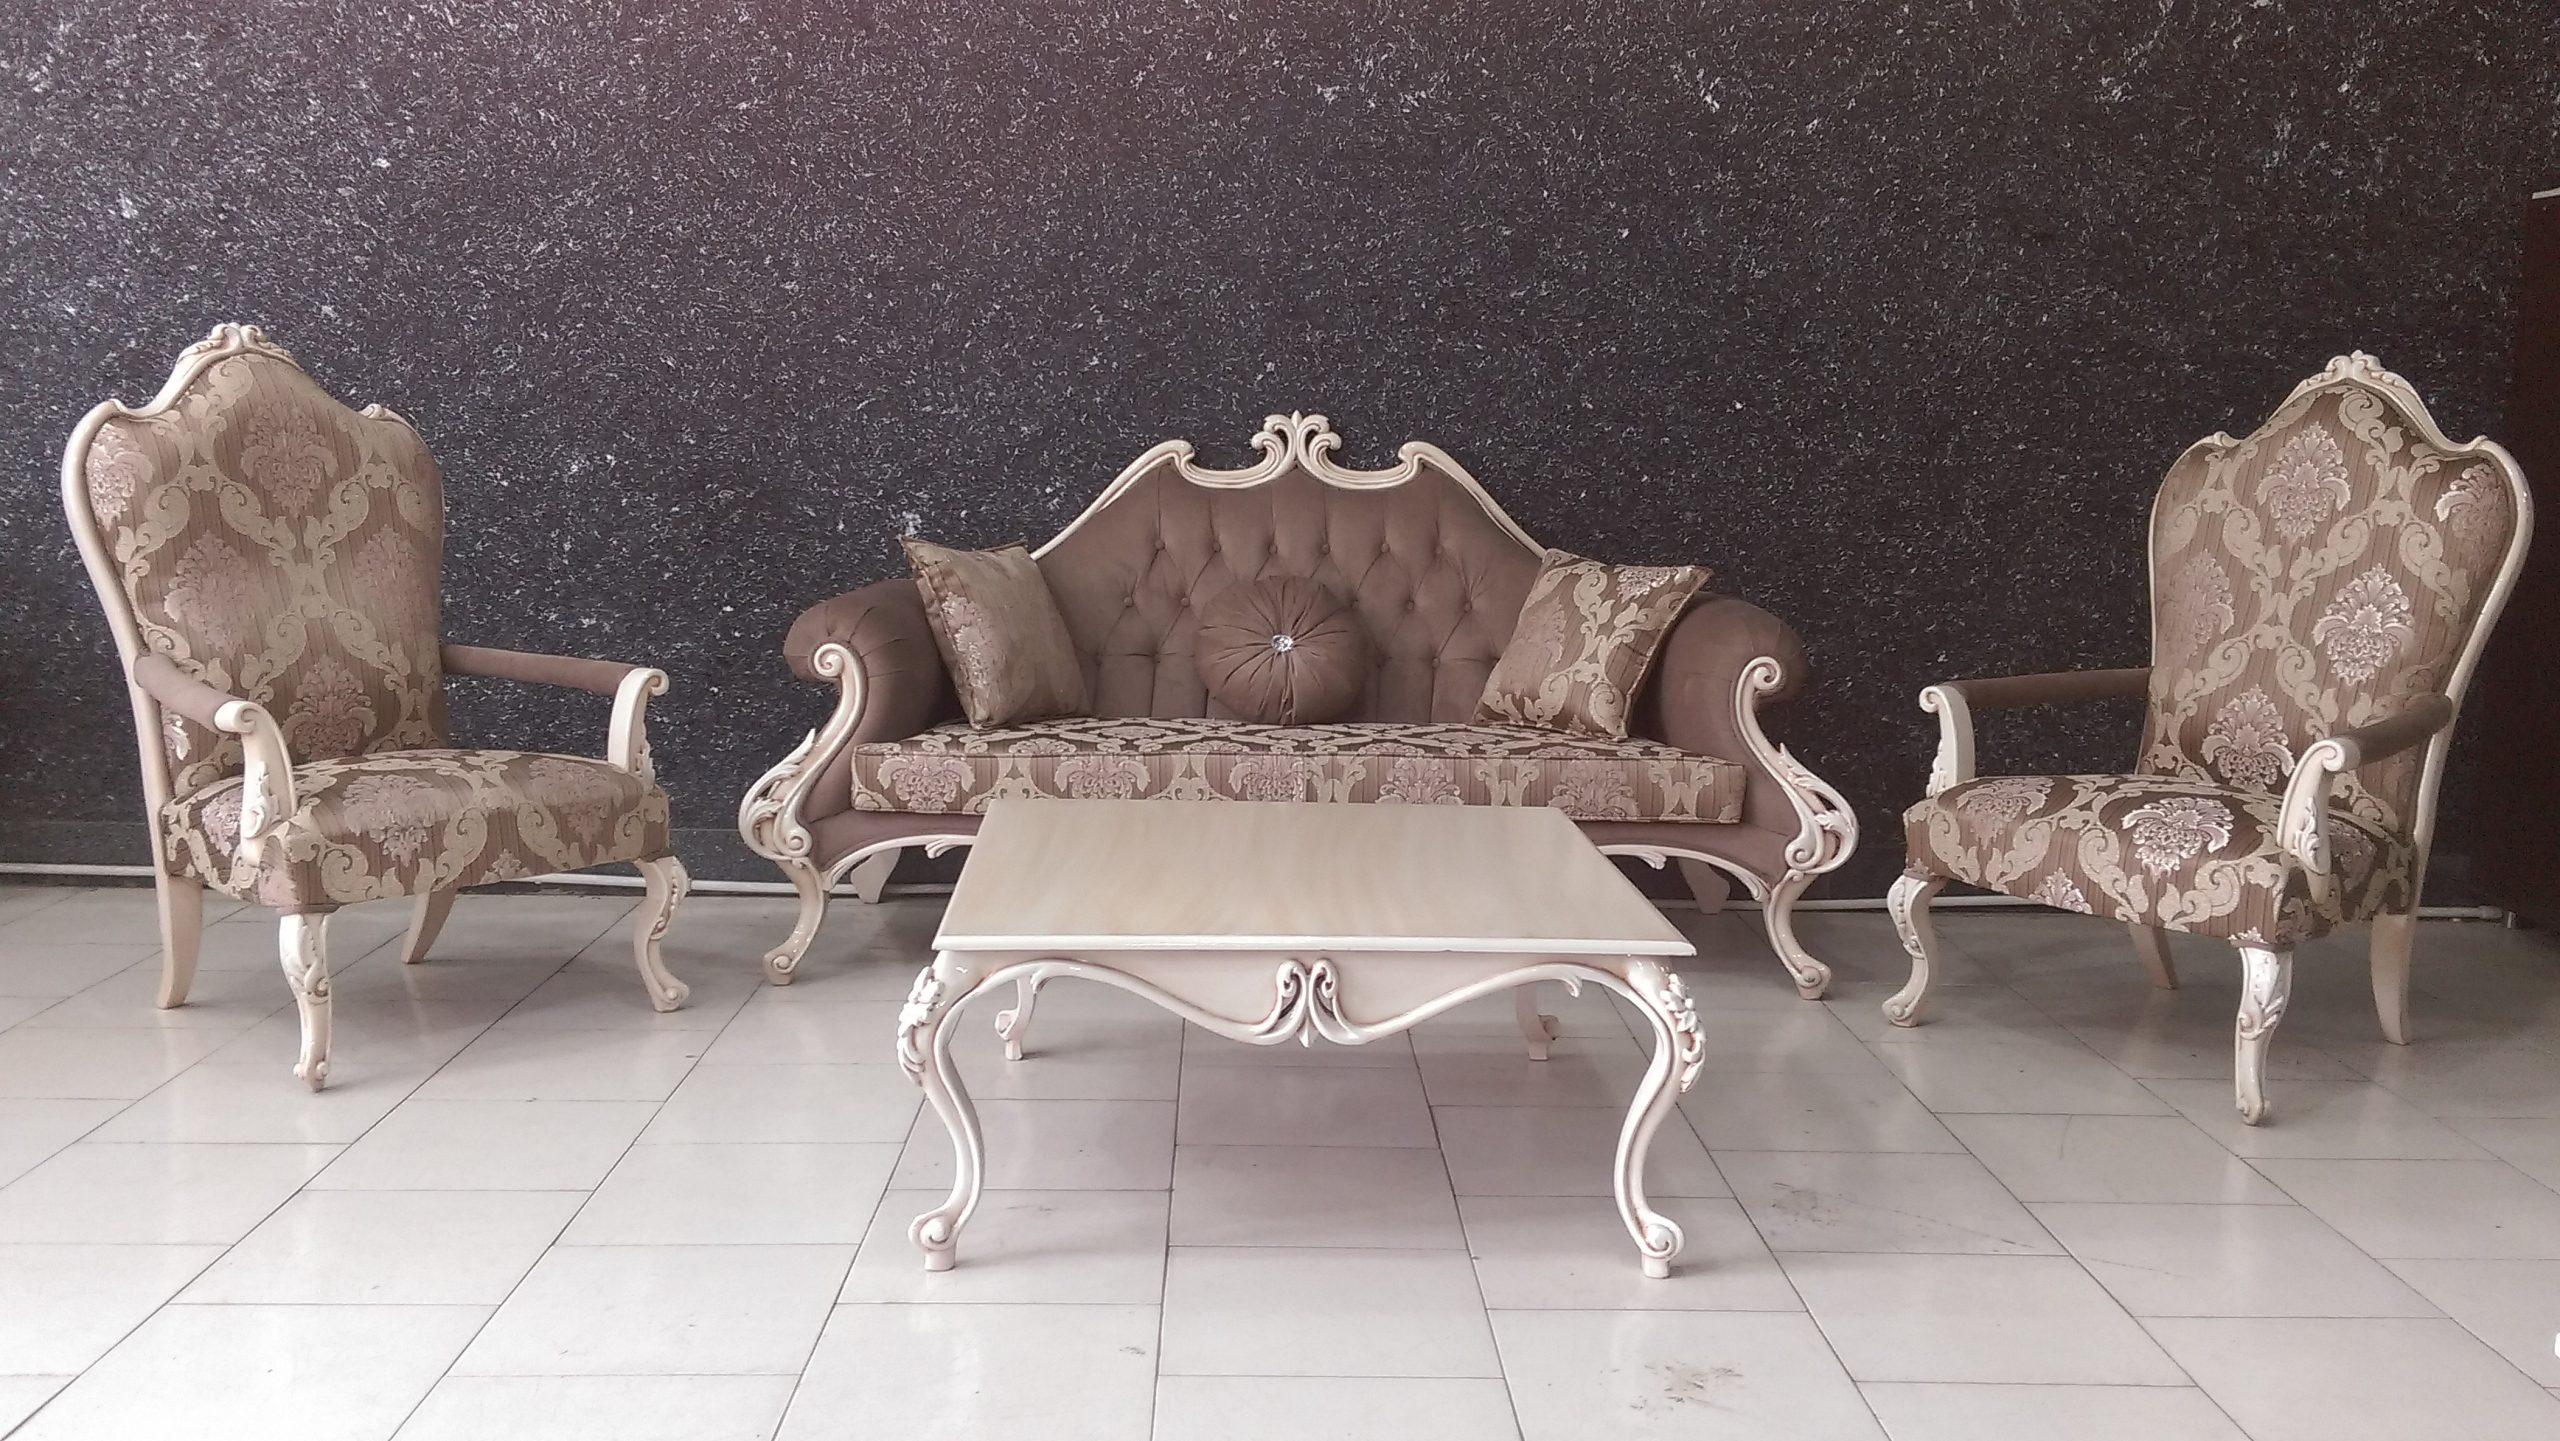 تصویر کاناپه سلطنتی